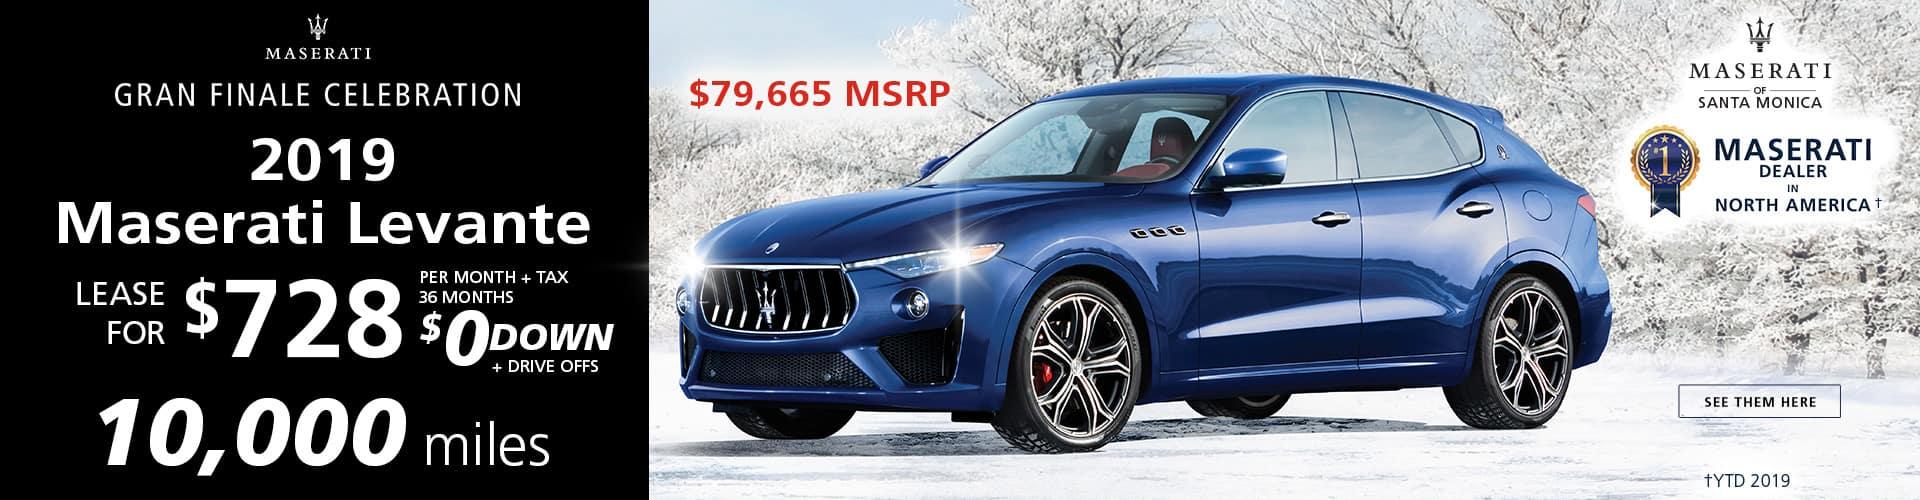 2019 Maserati Levante Special Offer